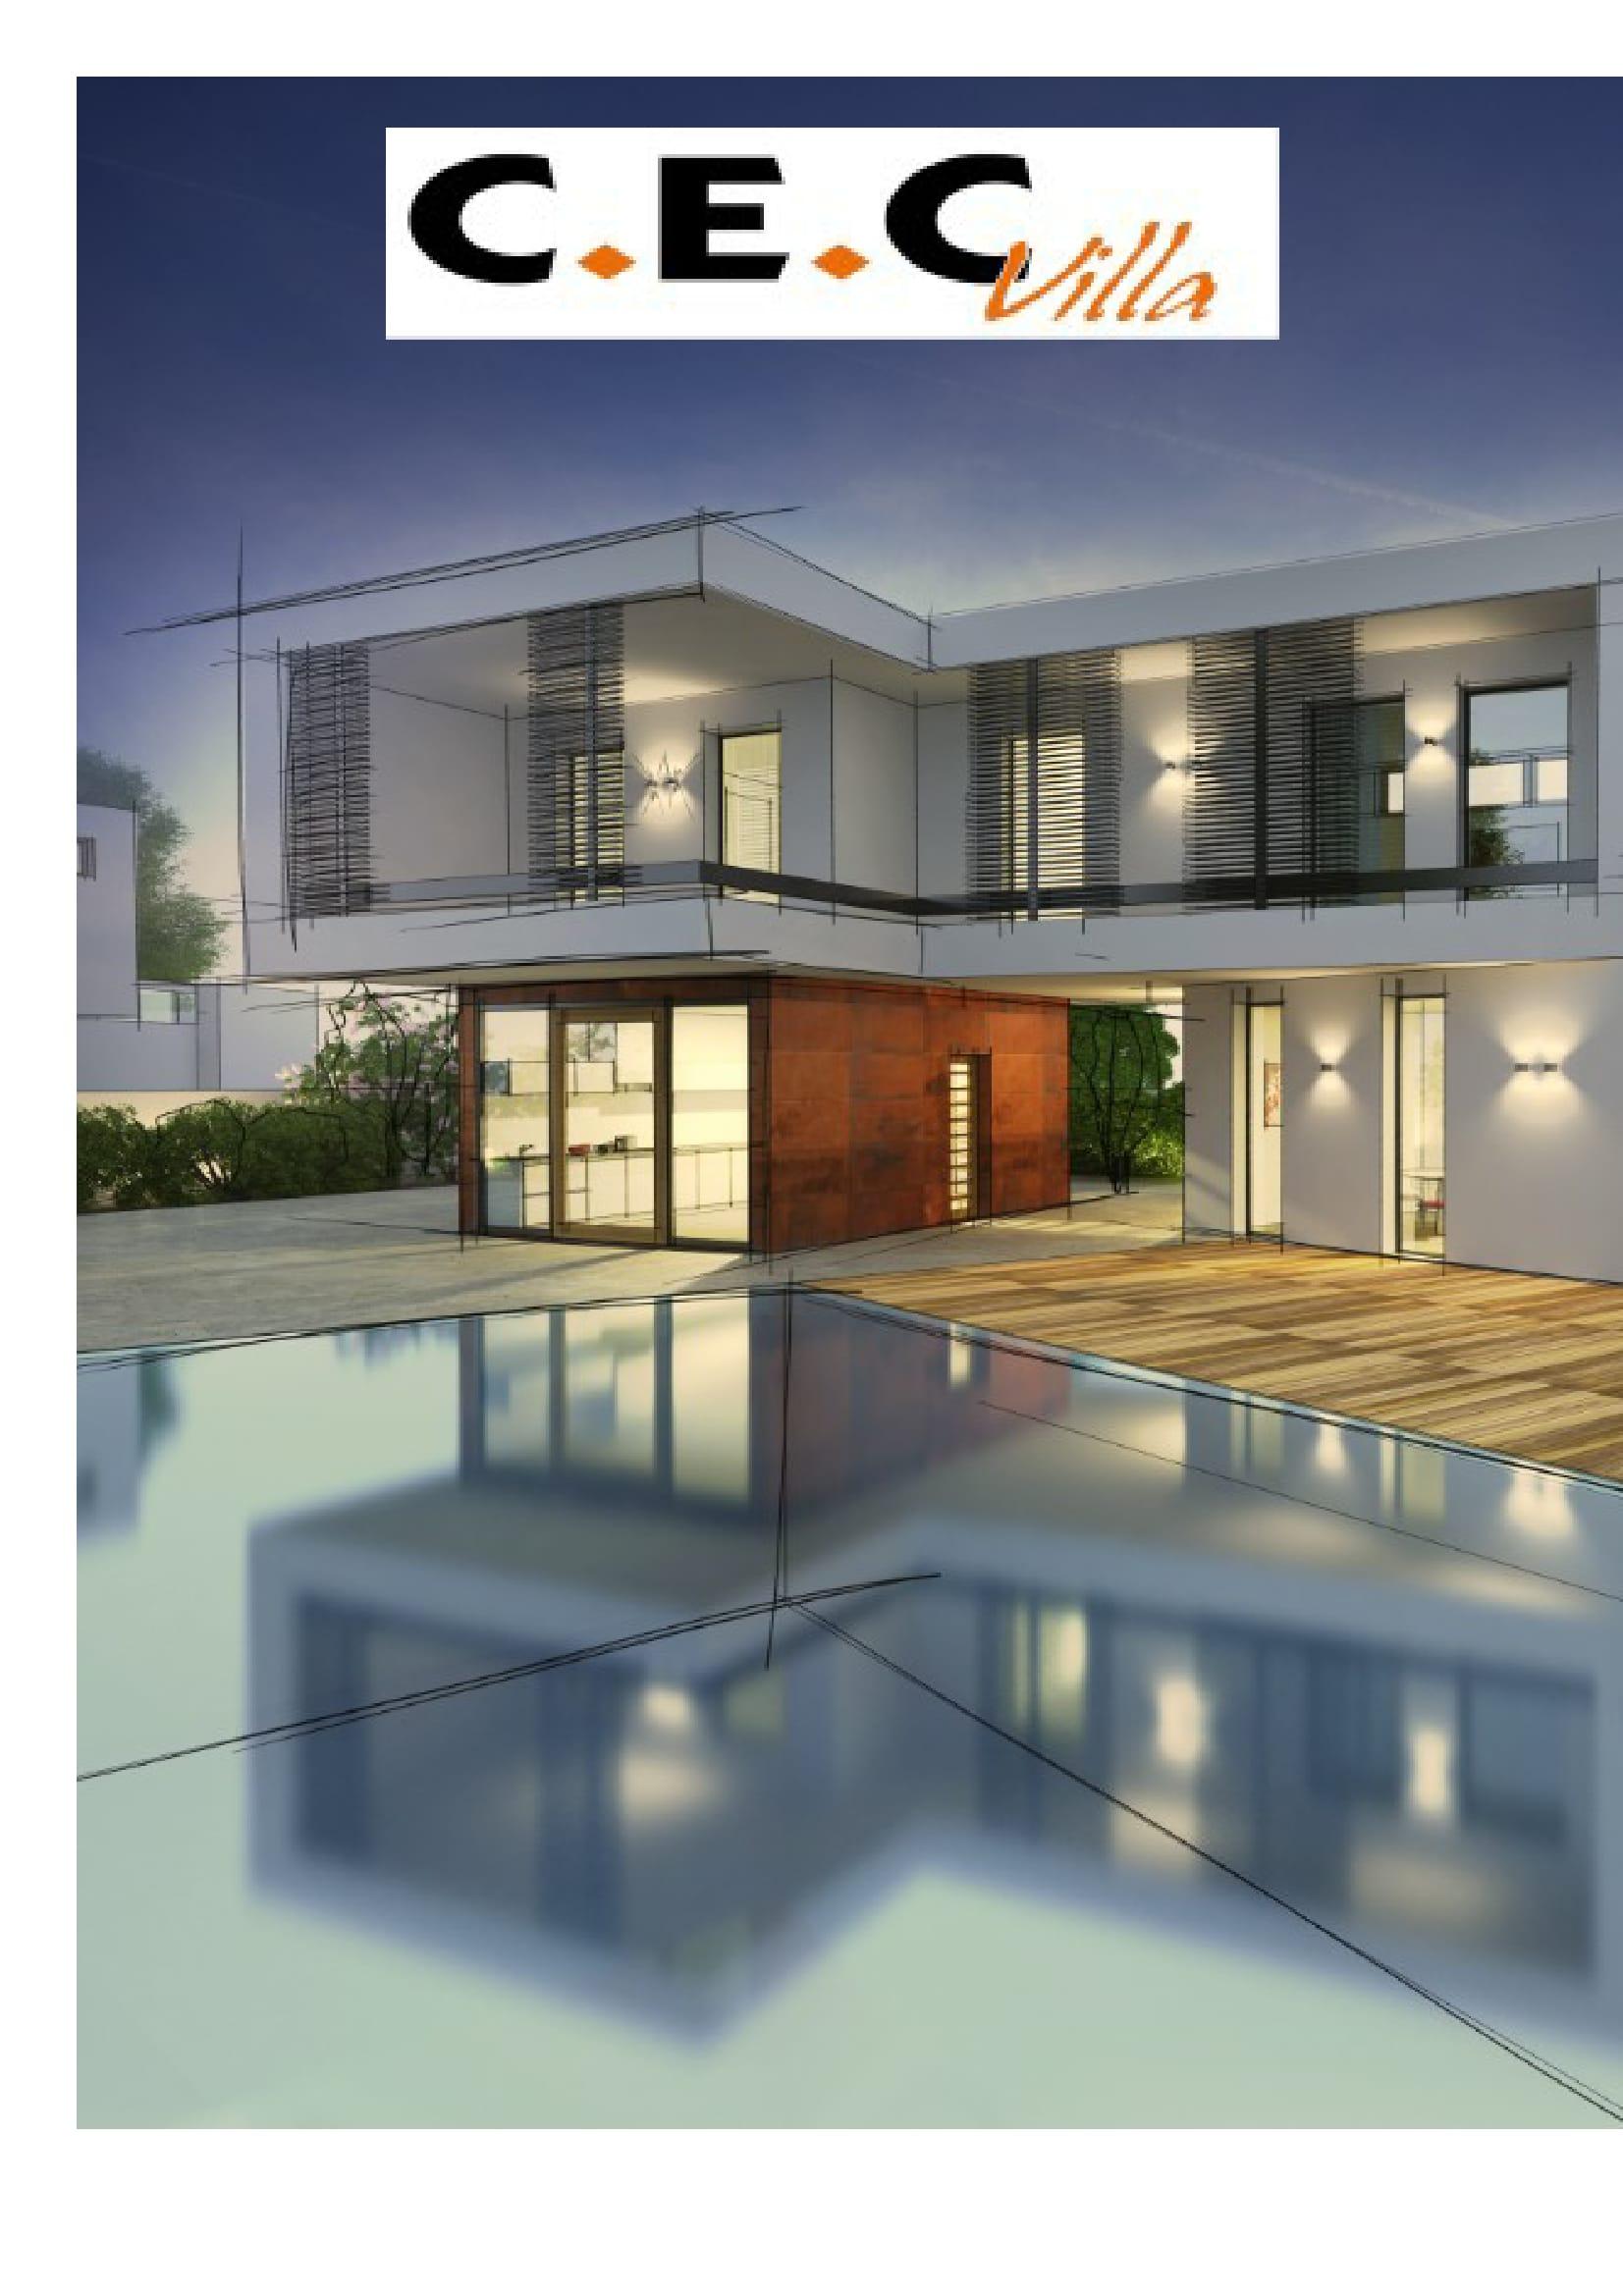 Maisons + Terrains du constructeur CEC VILLA • LATOUR BAS ELNE